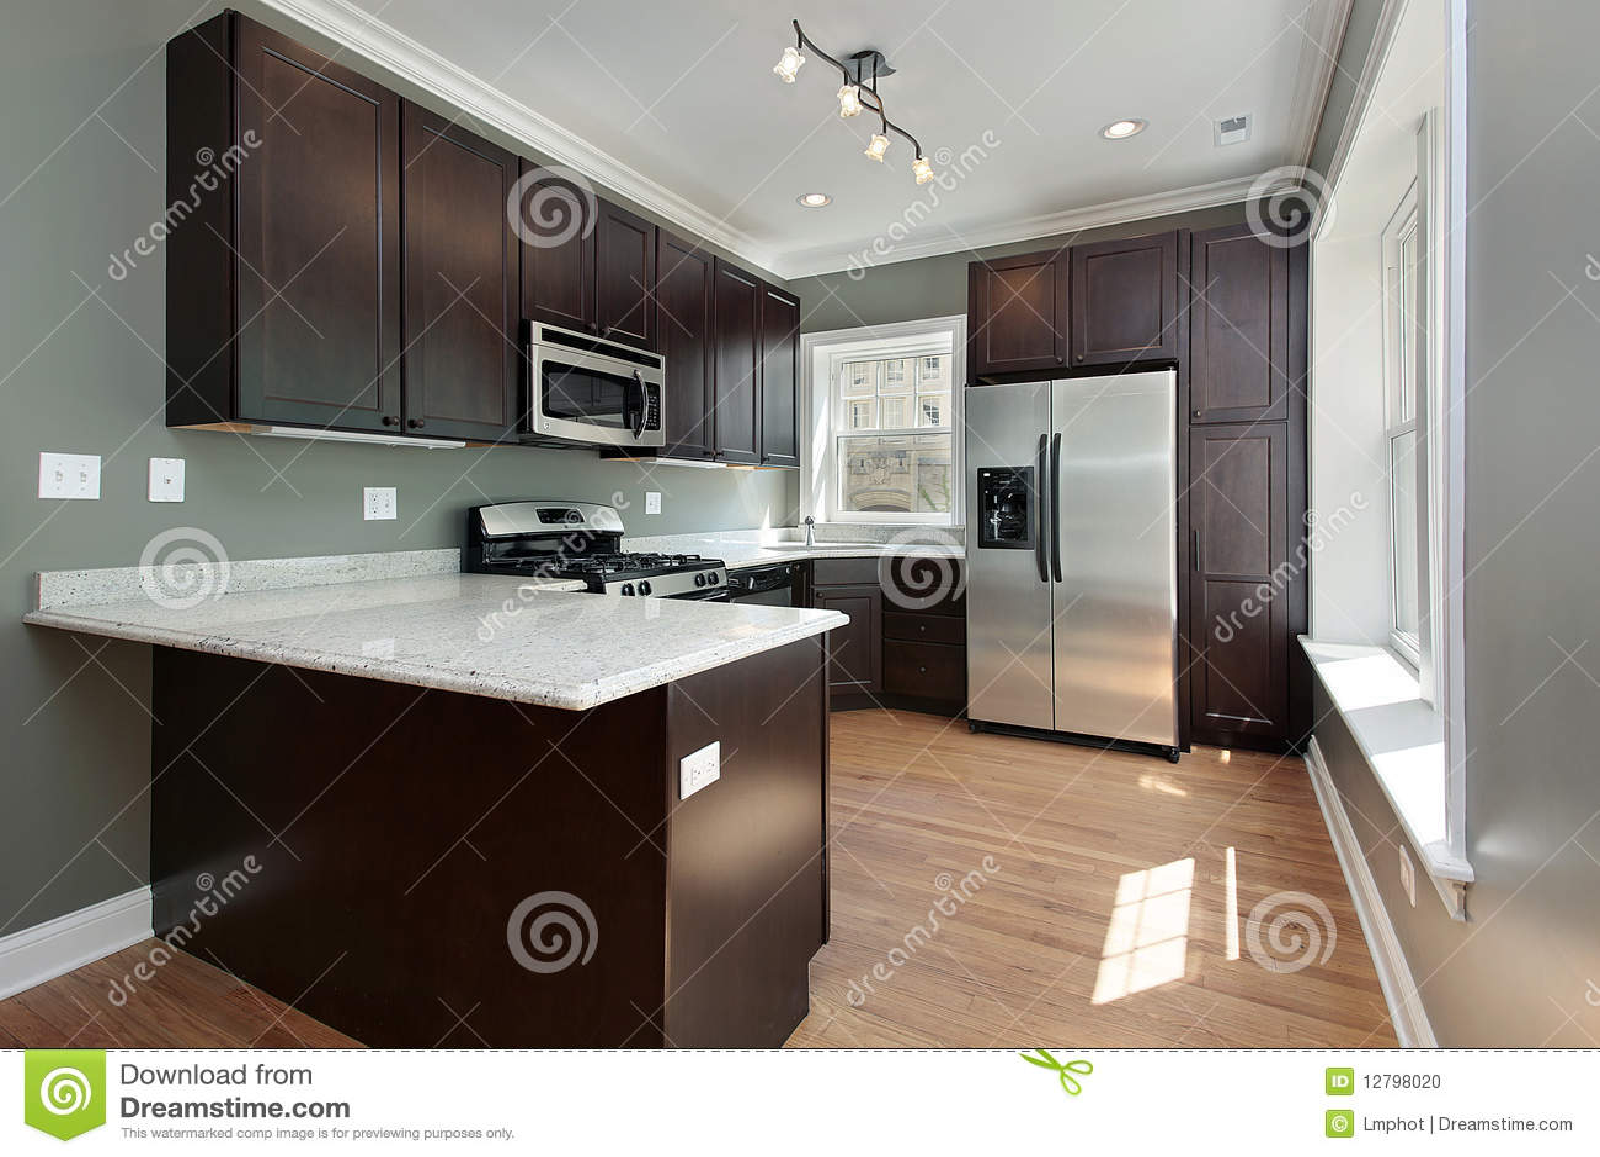 Muebles modernos en caoba obtenga ideas diseo de muebles para su cocina con el cabinetry de madera de caoba foto de archivo thecheapjerseys Choice Image